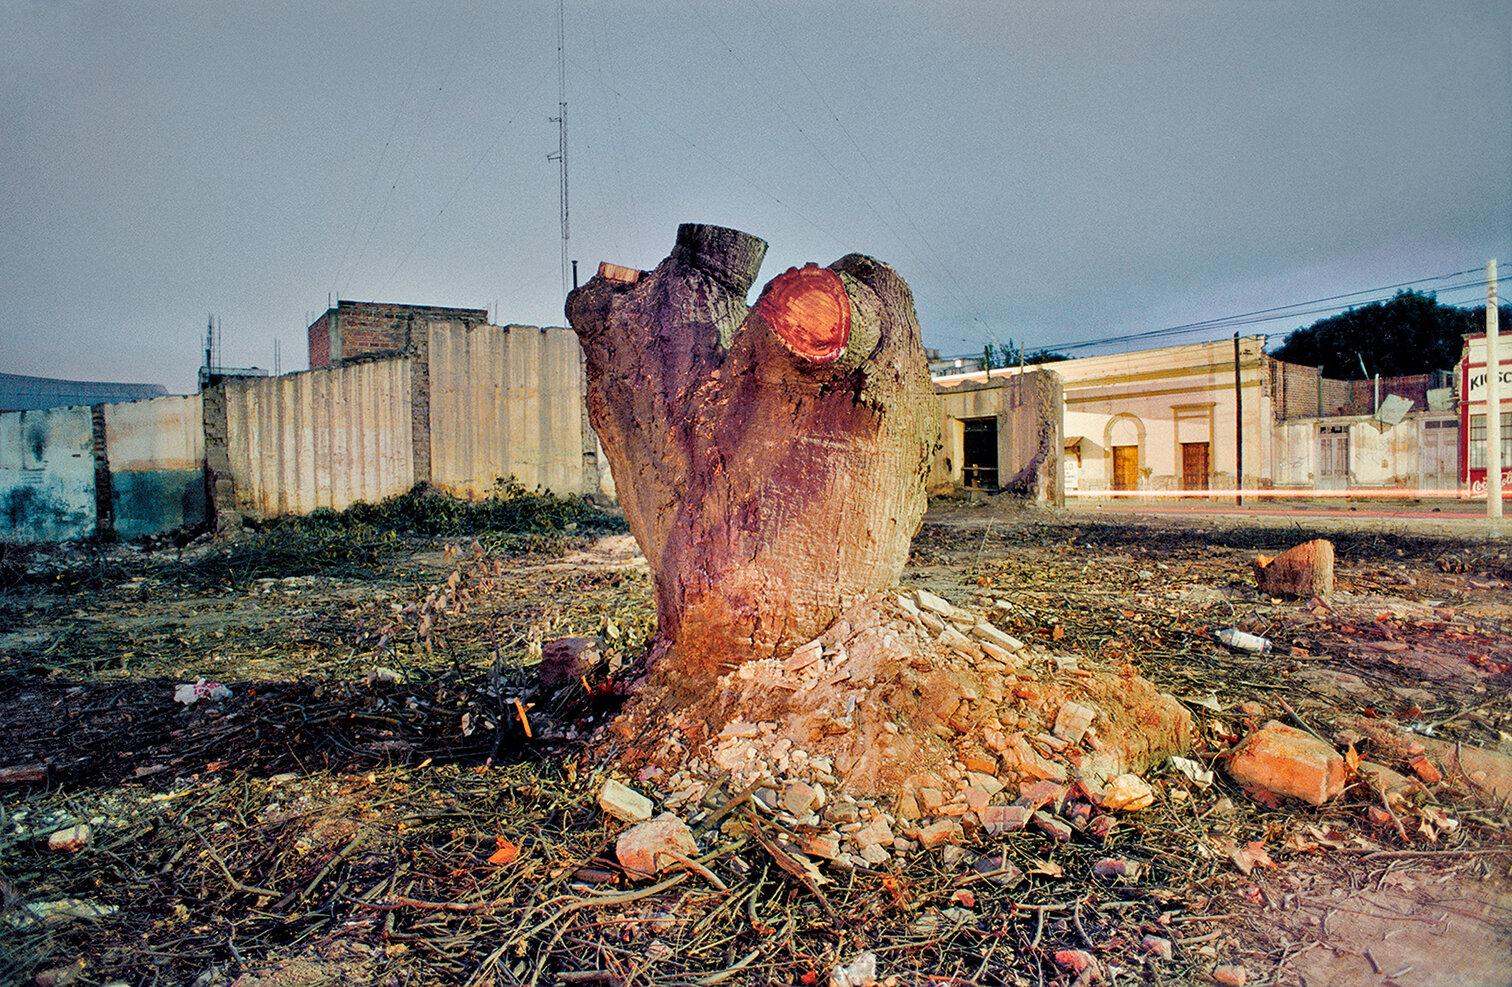 25 Arbol Cortado-A felled tree 2000 copia.jpg